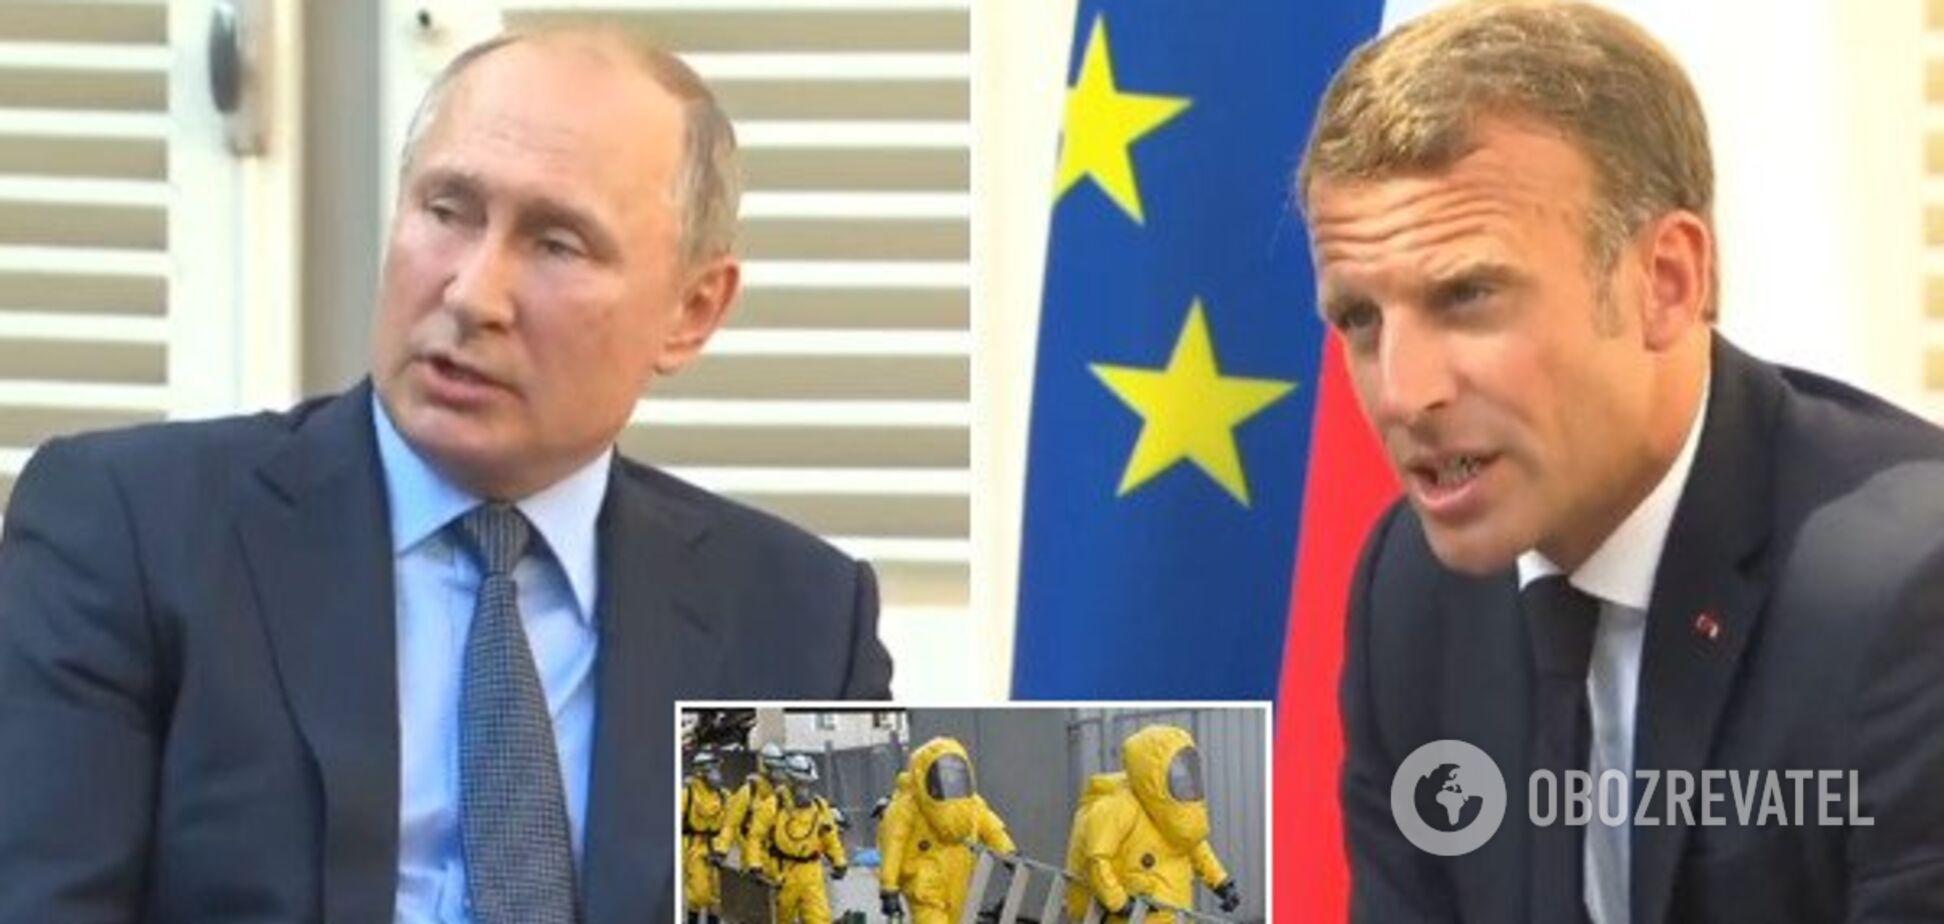 'Жодної загрози': Путін розповів Європі про 'безпечну' ядерну НП під Архангельськом